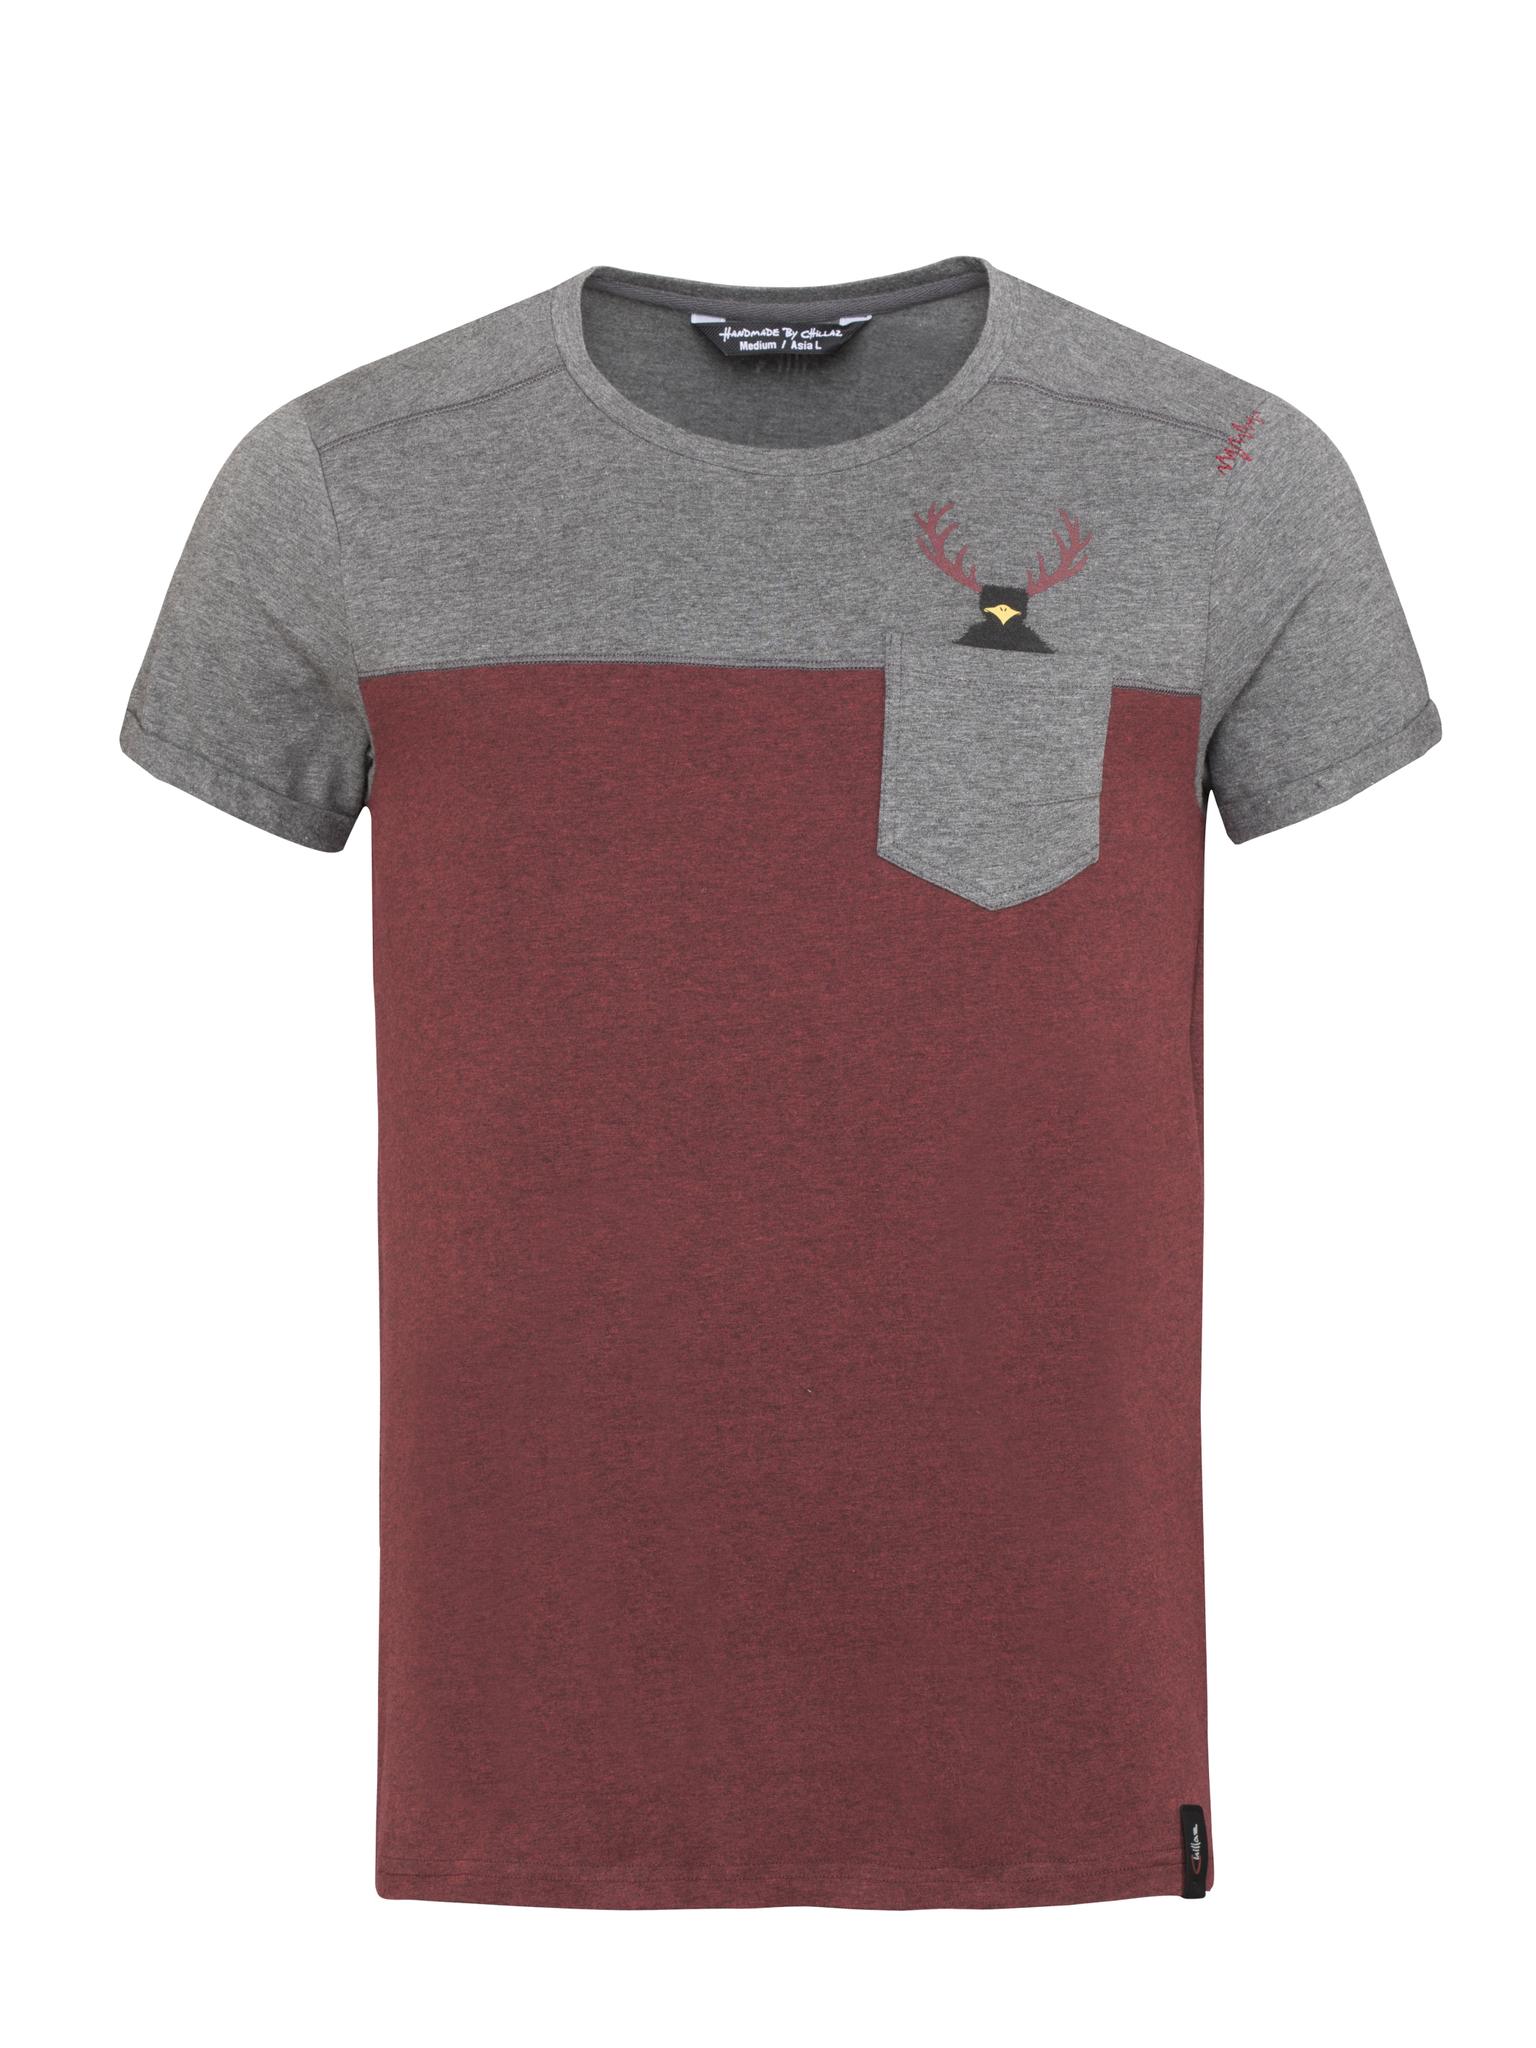 Street Hirschkrah T-Shirt Men L